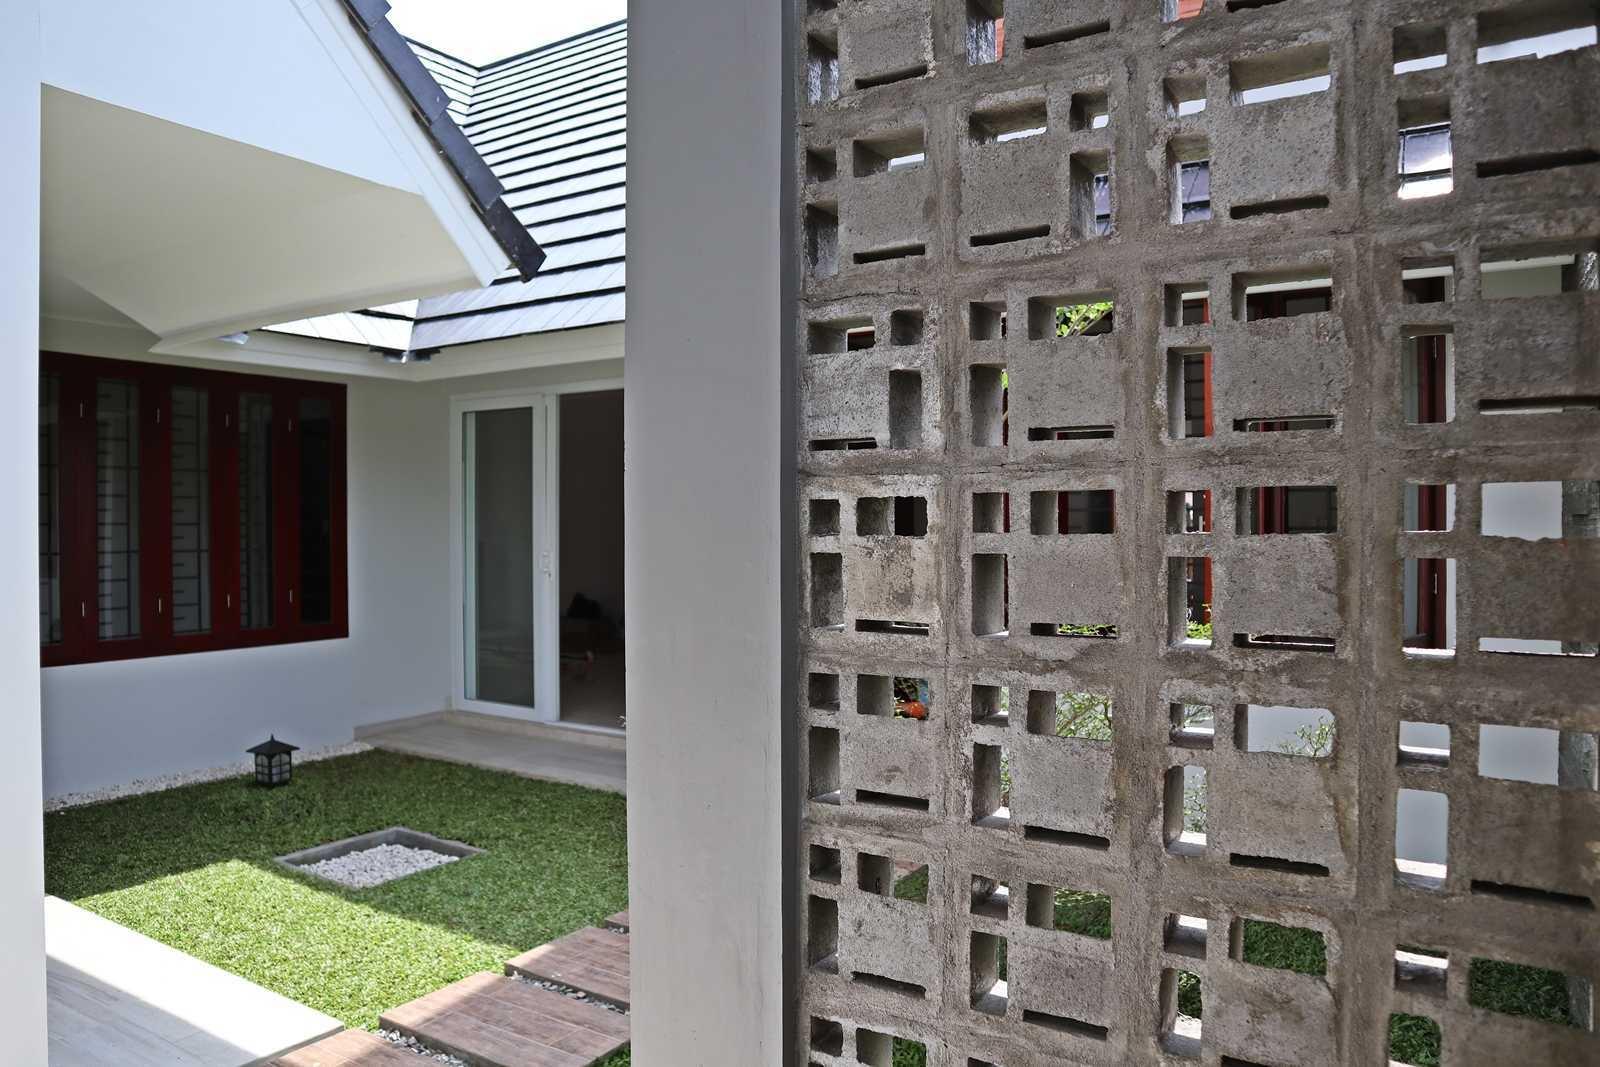 Bd Studio Ss Villa House Medan, Kota Medan, Sumatera Utara, Indonesia Medan, Kota Medan, Sumatera Utara, Indonesia Bd-Studio-Ss-Villa-House  74097